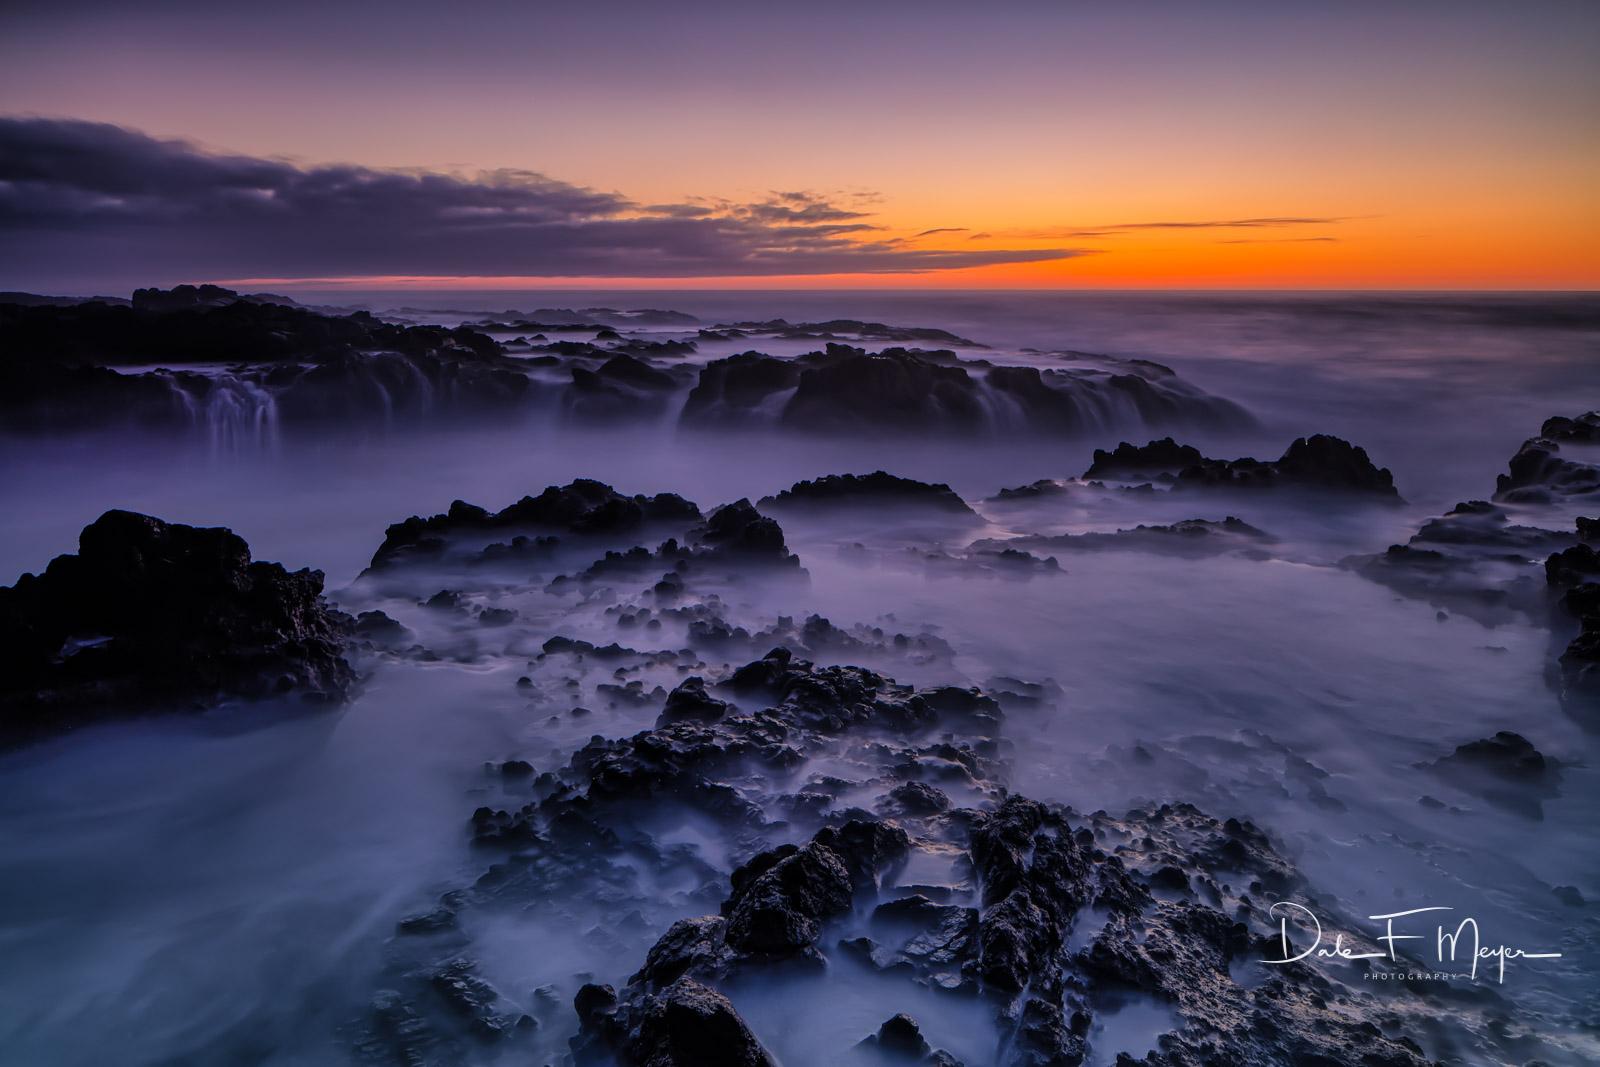 Cape Perpetua Scenic Area, Oregon Coast, Oregon Gallery, Yachats Oregon, fall 2016, long exposure, sunset, photo